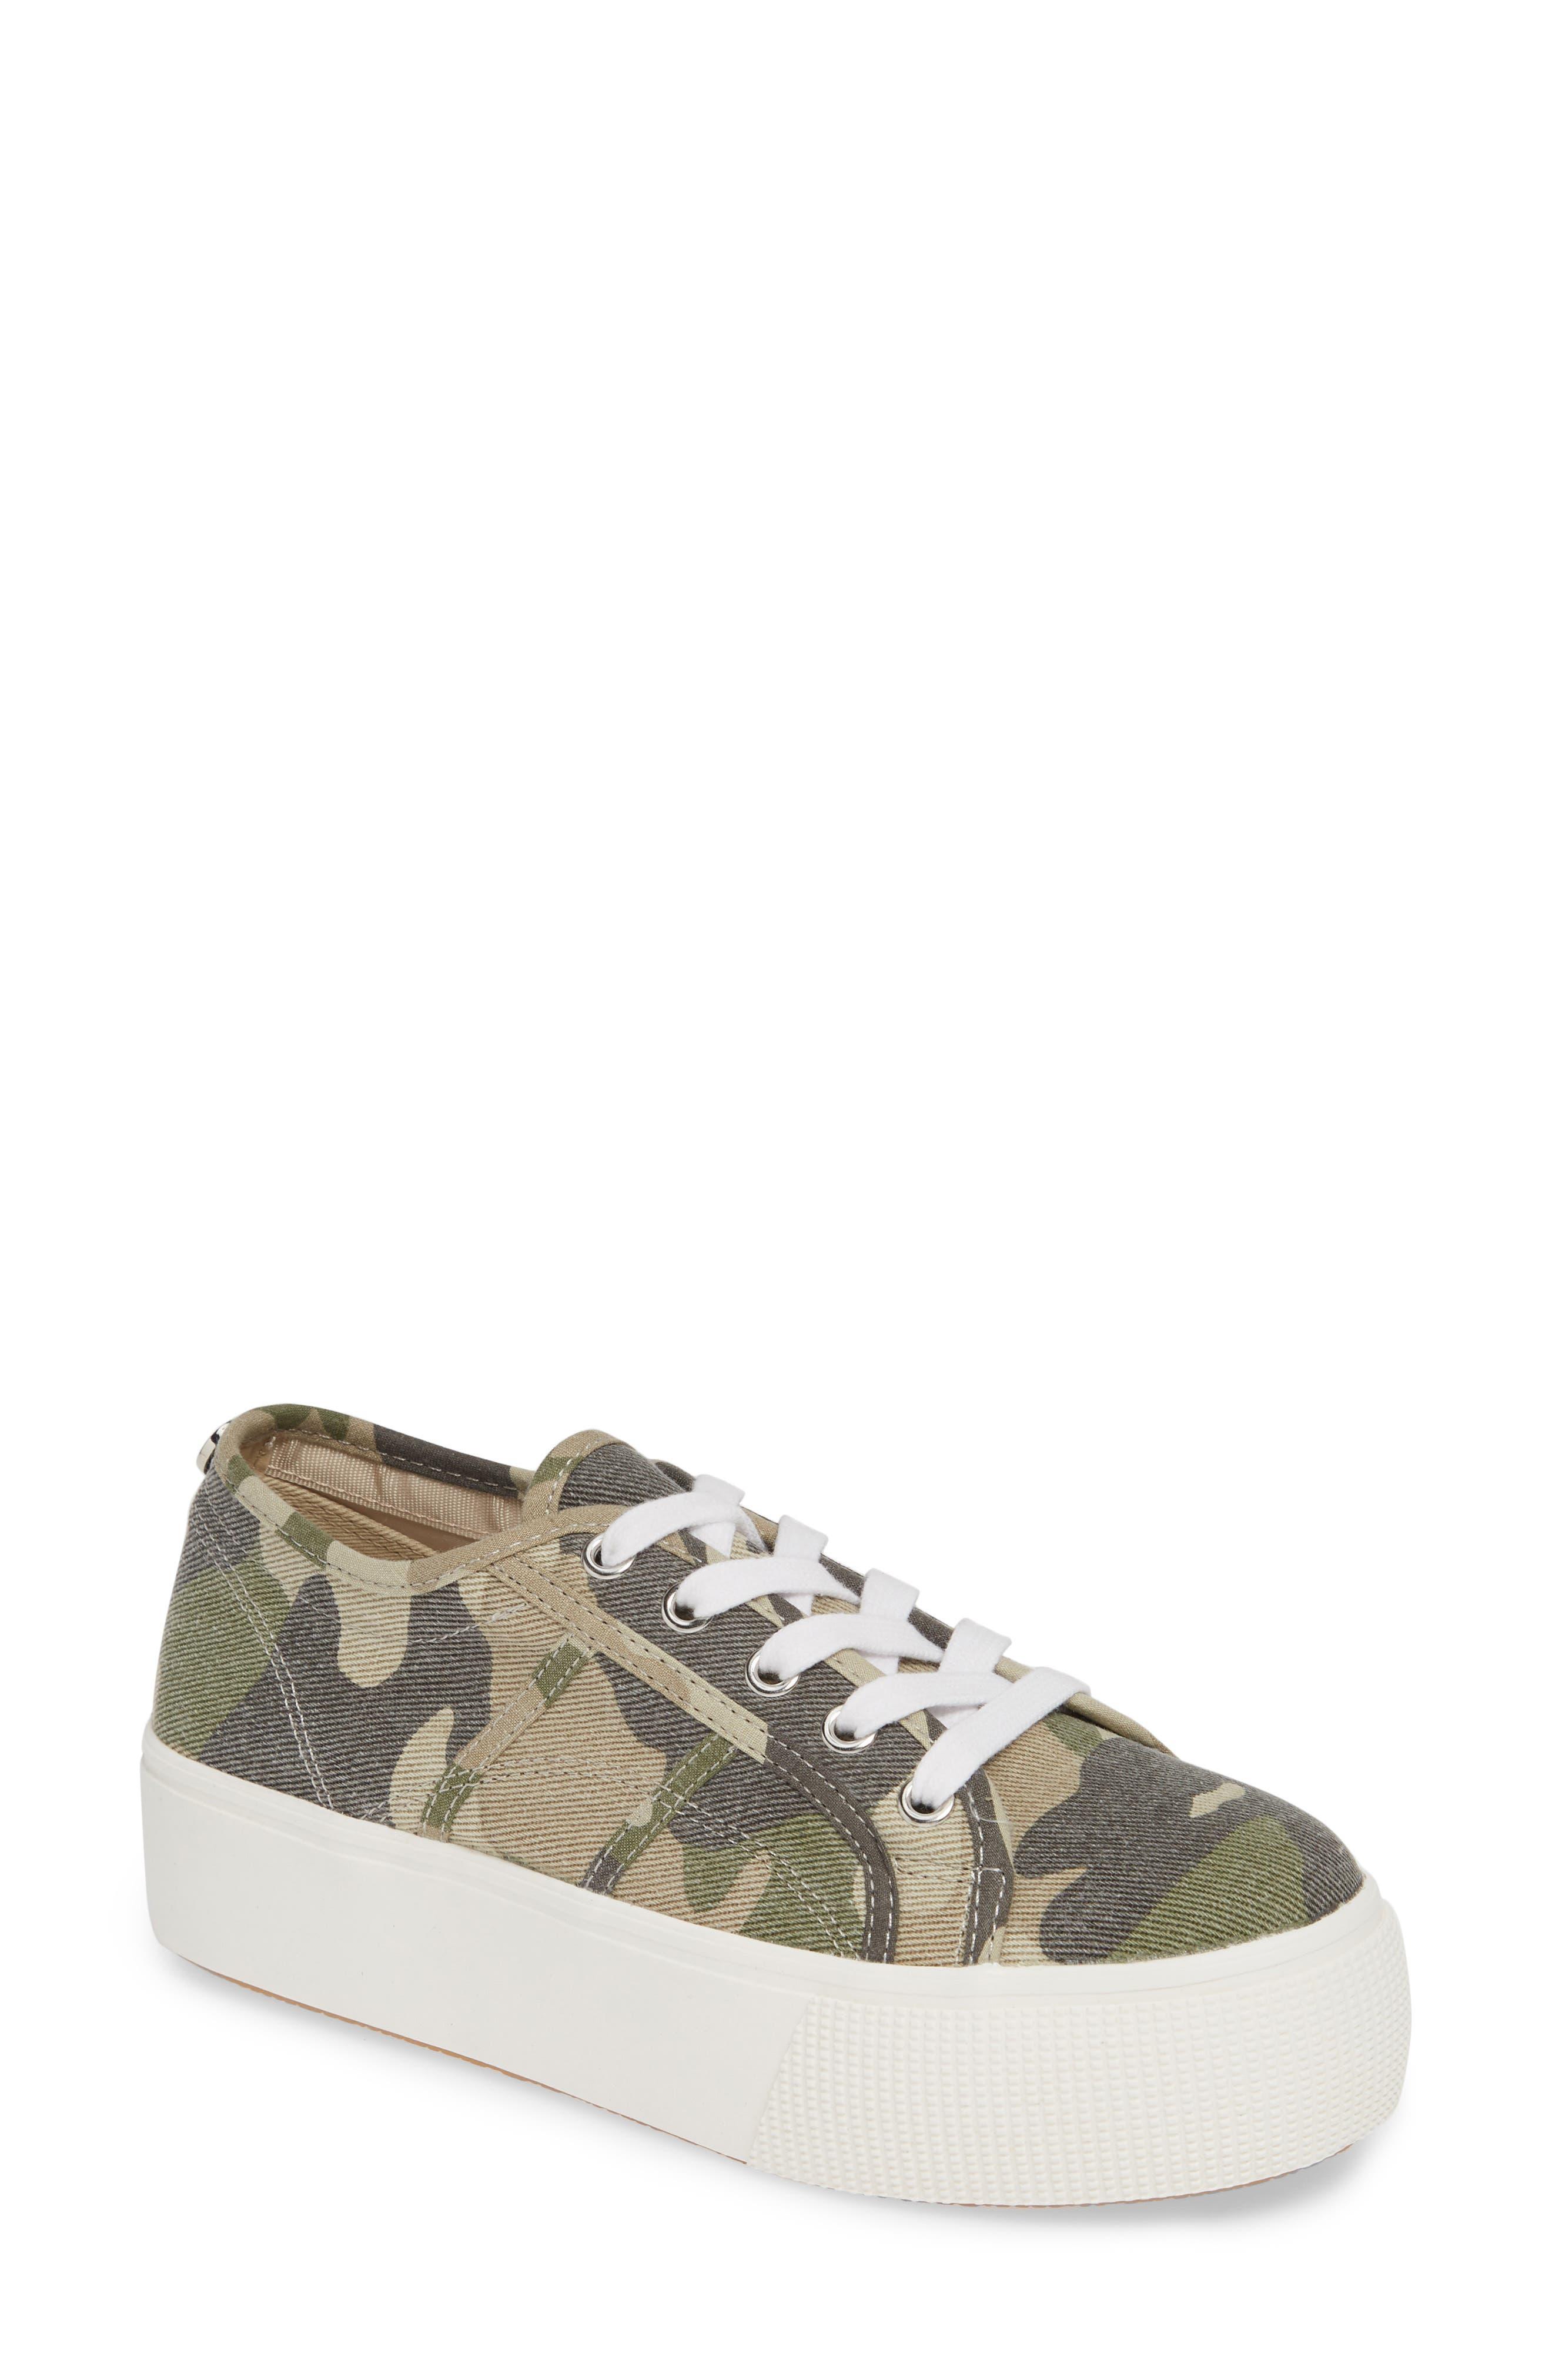 For Madden Steve Women Nordstrom Shoes w0q87